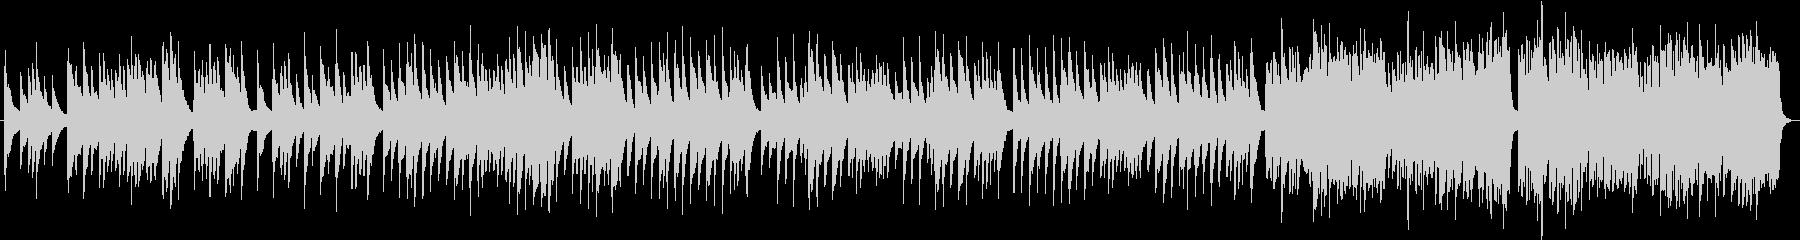 お正月の歌2曲メドレー(琴,笛)の未再生の波形